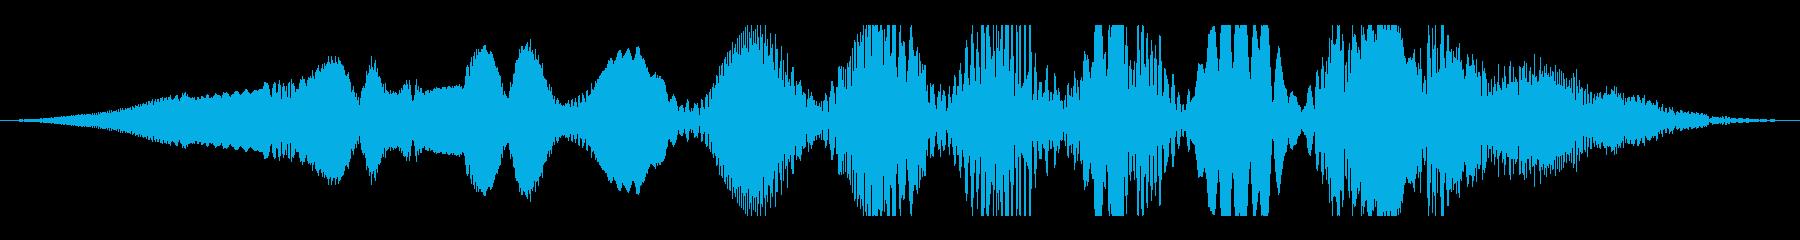 深宇宙の変動する電波干渉の再生済みの波形